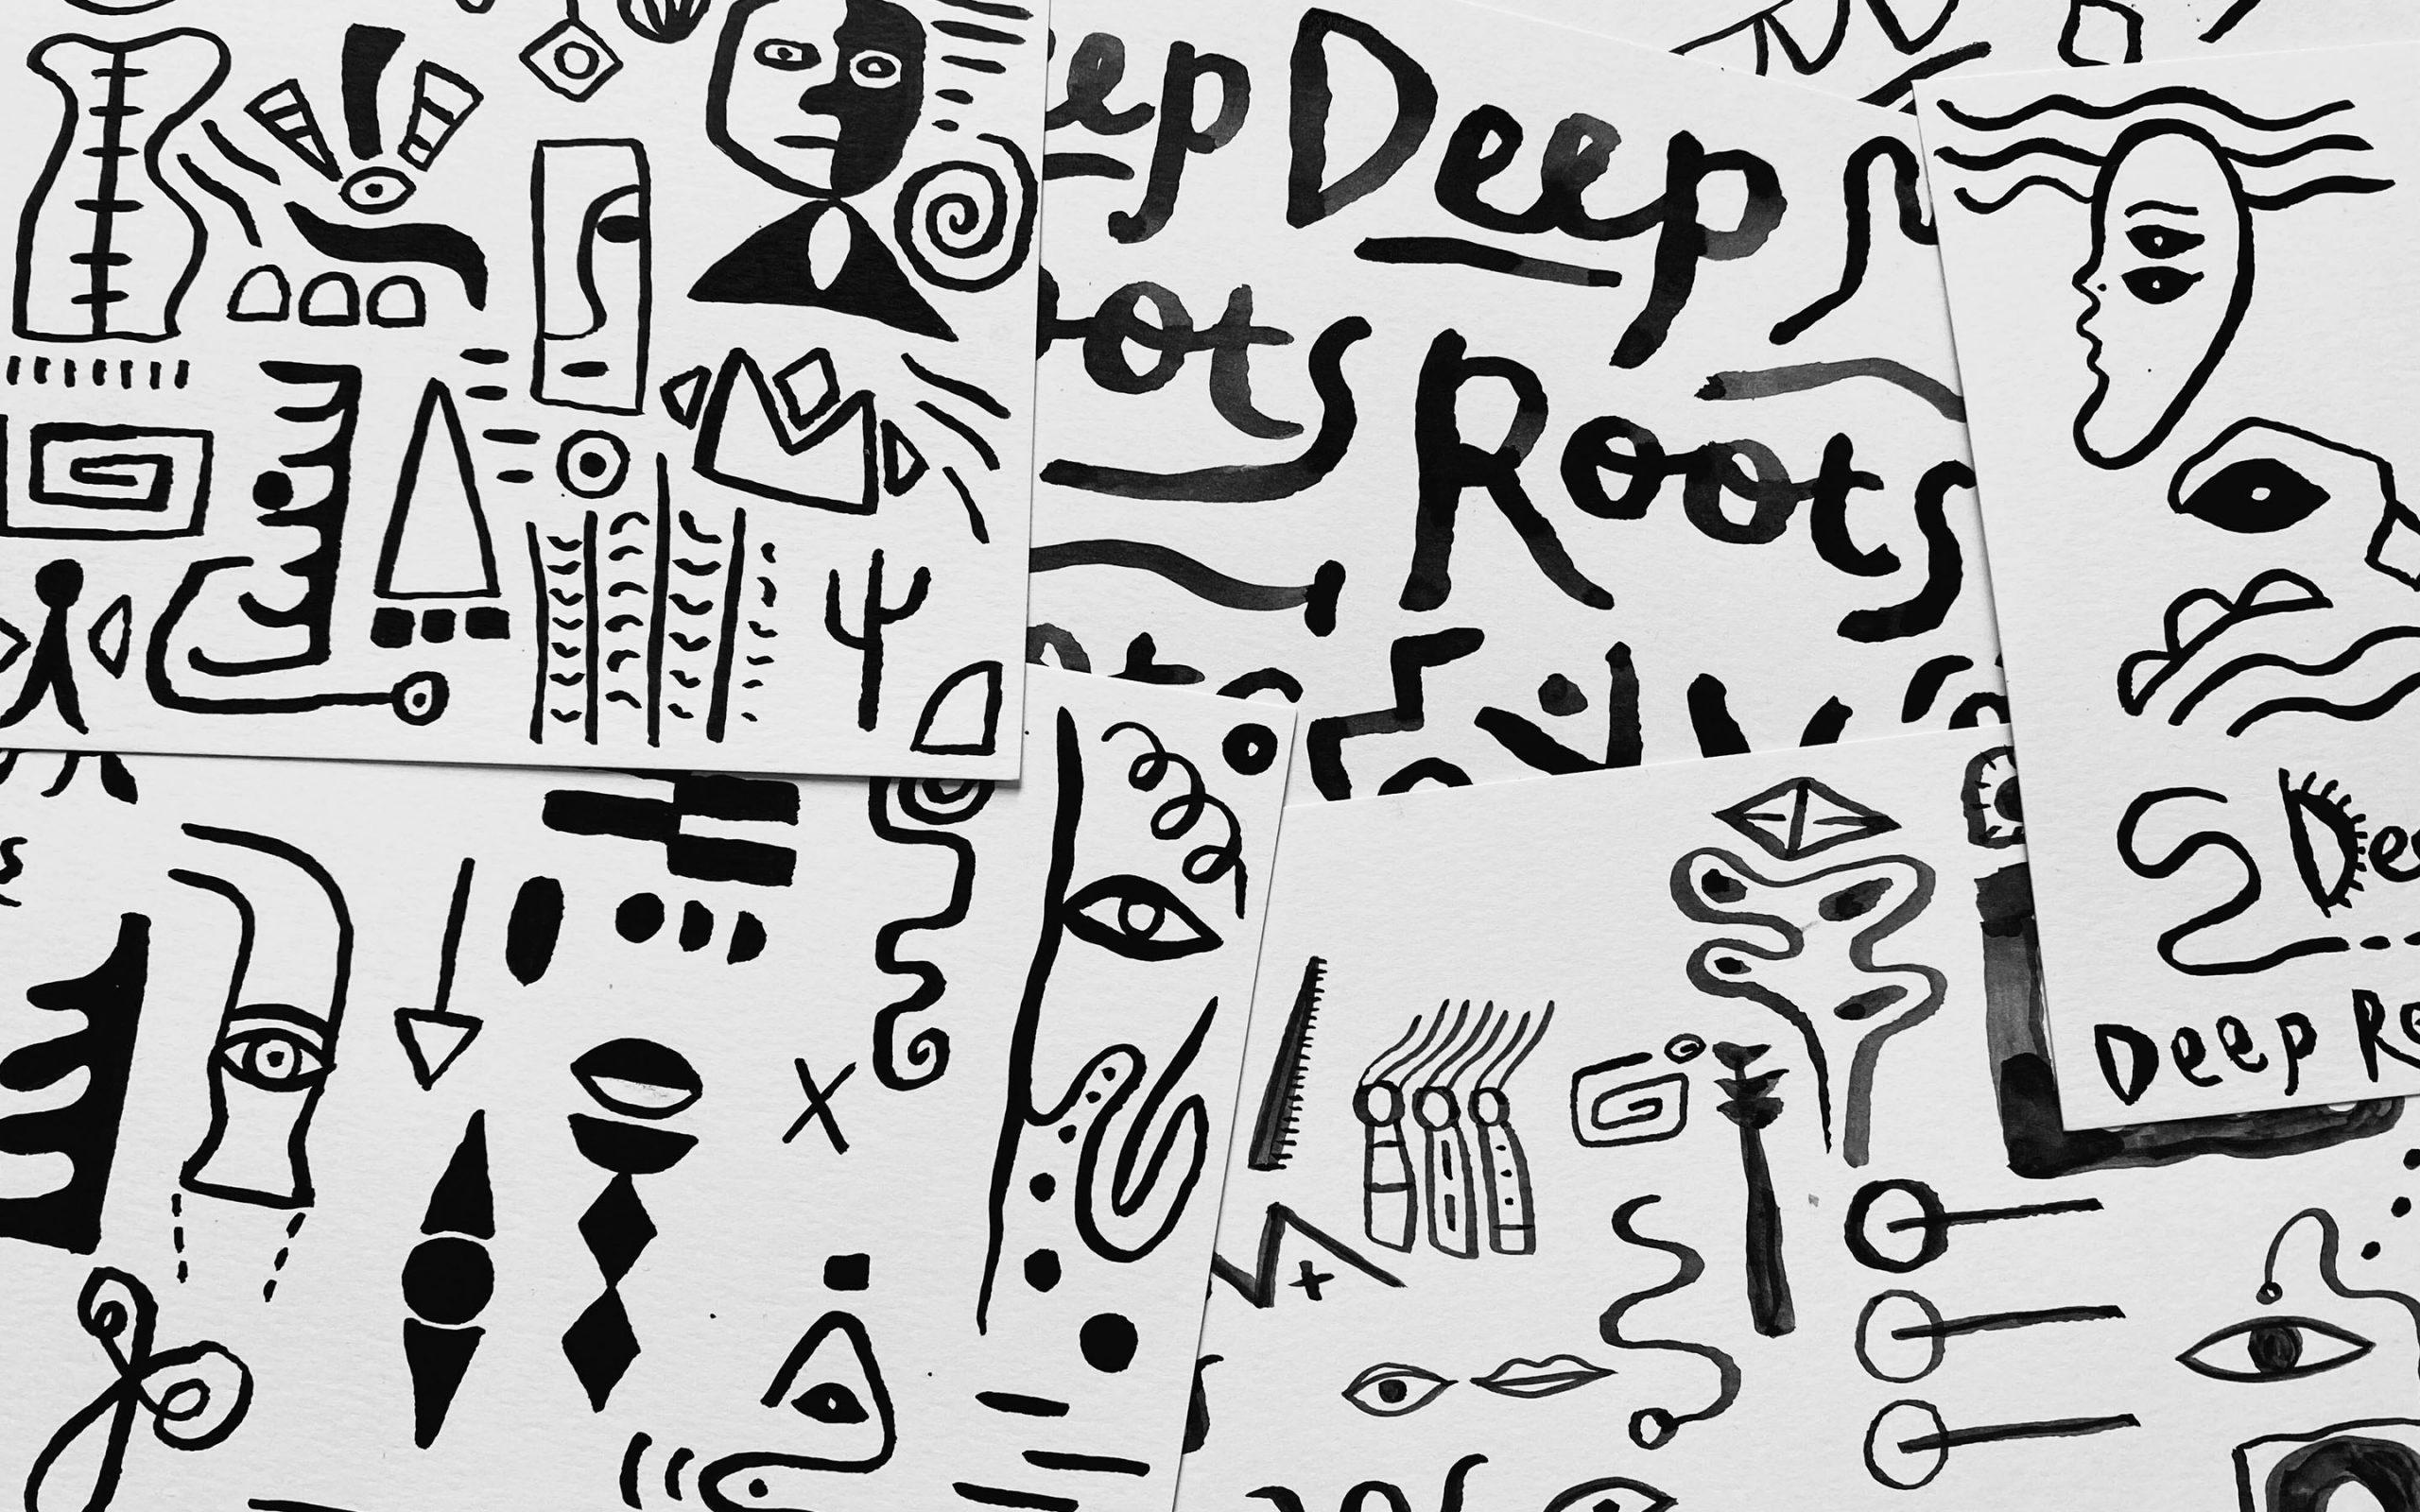 Vedros_DeepRoots_Paintings